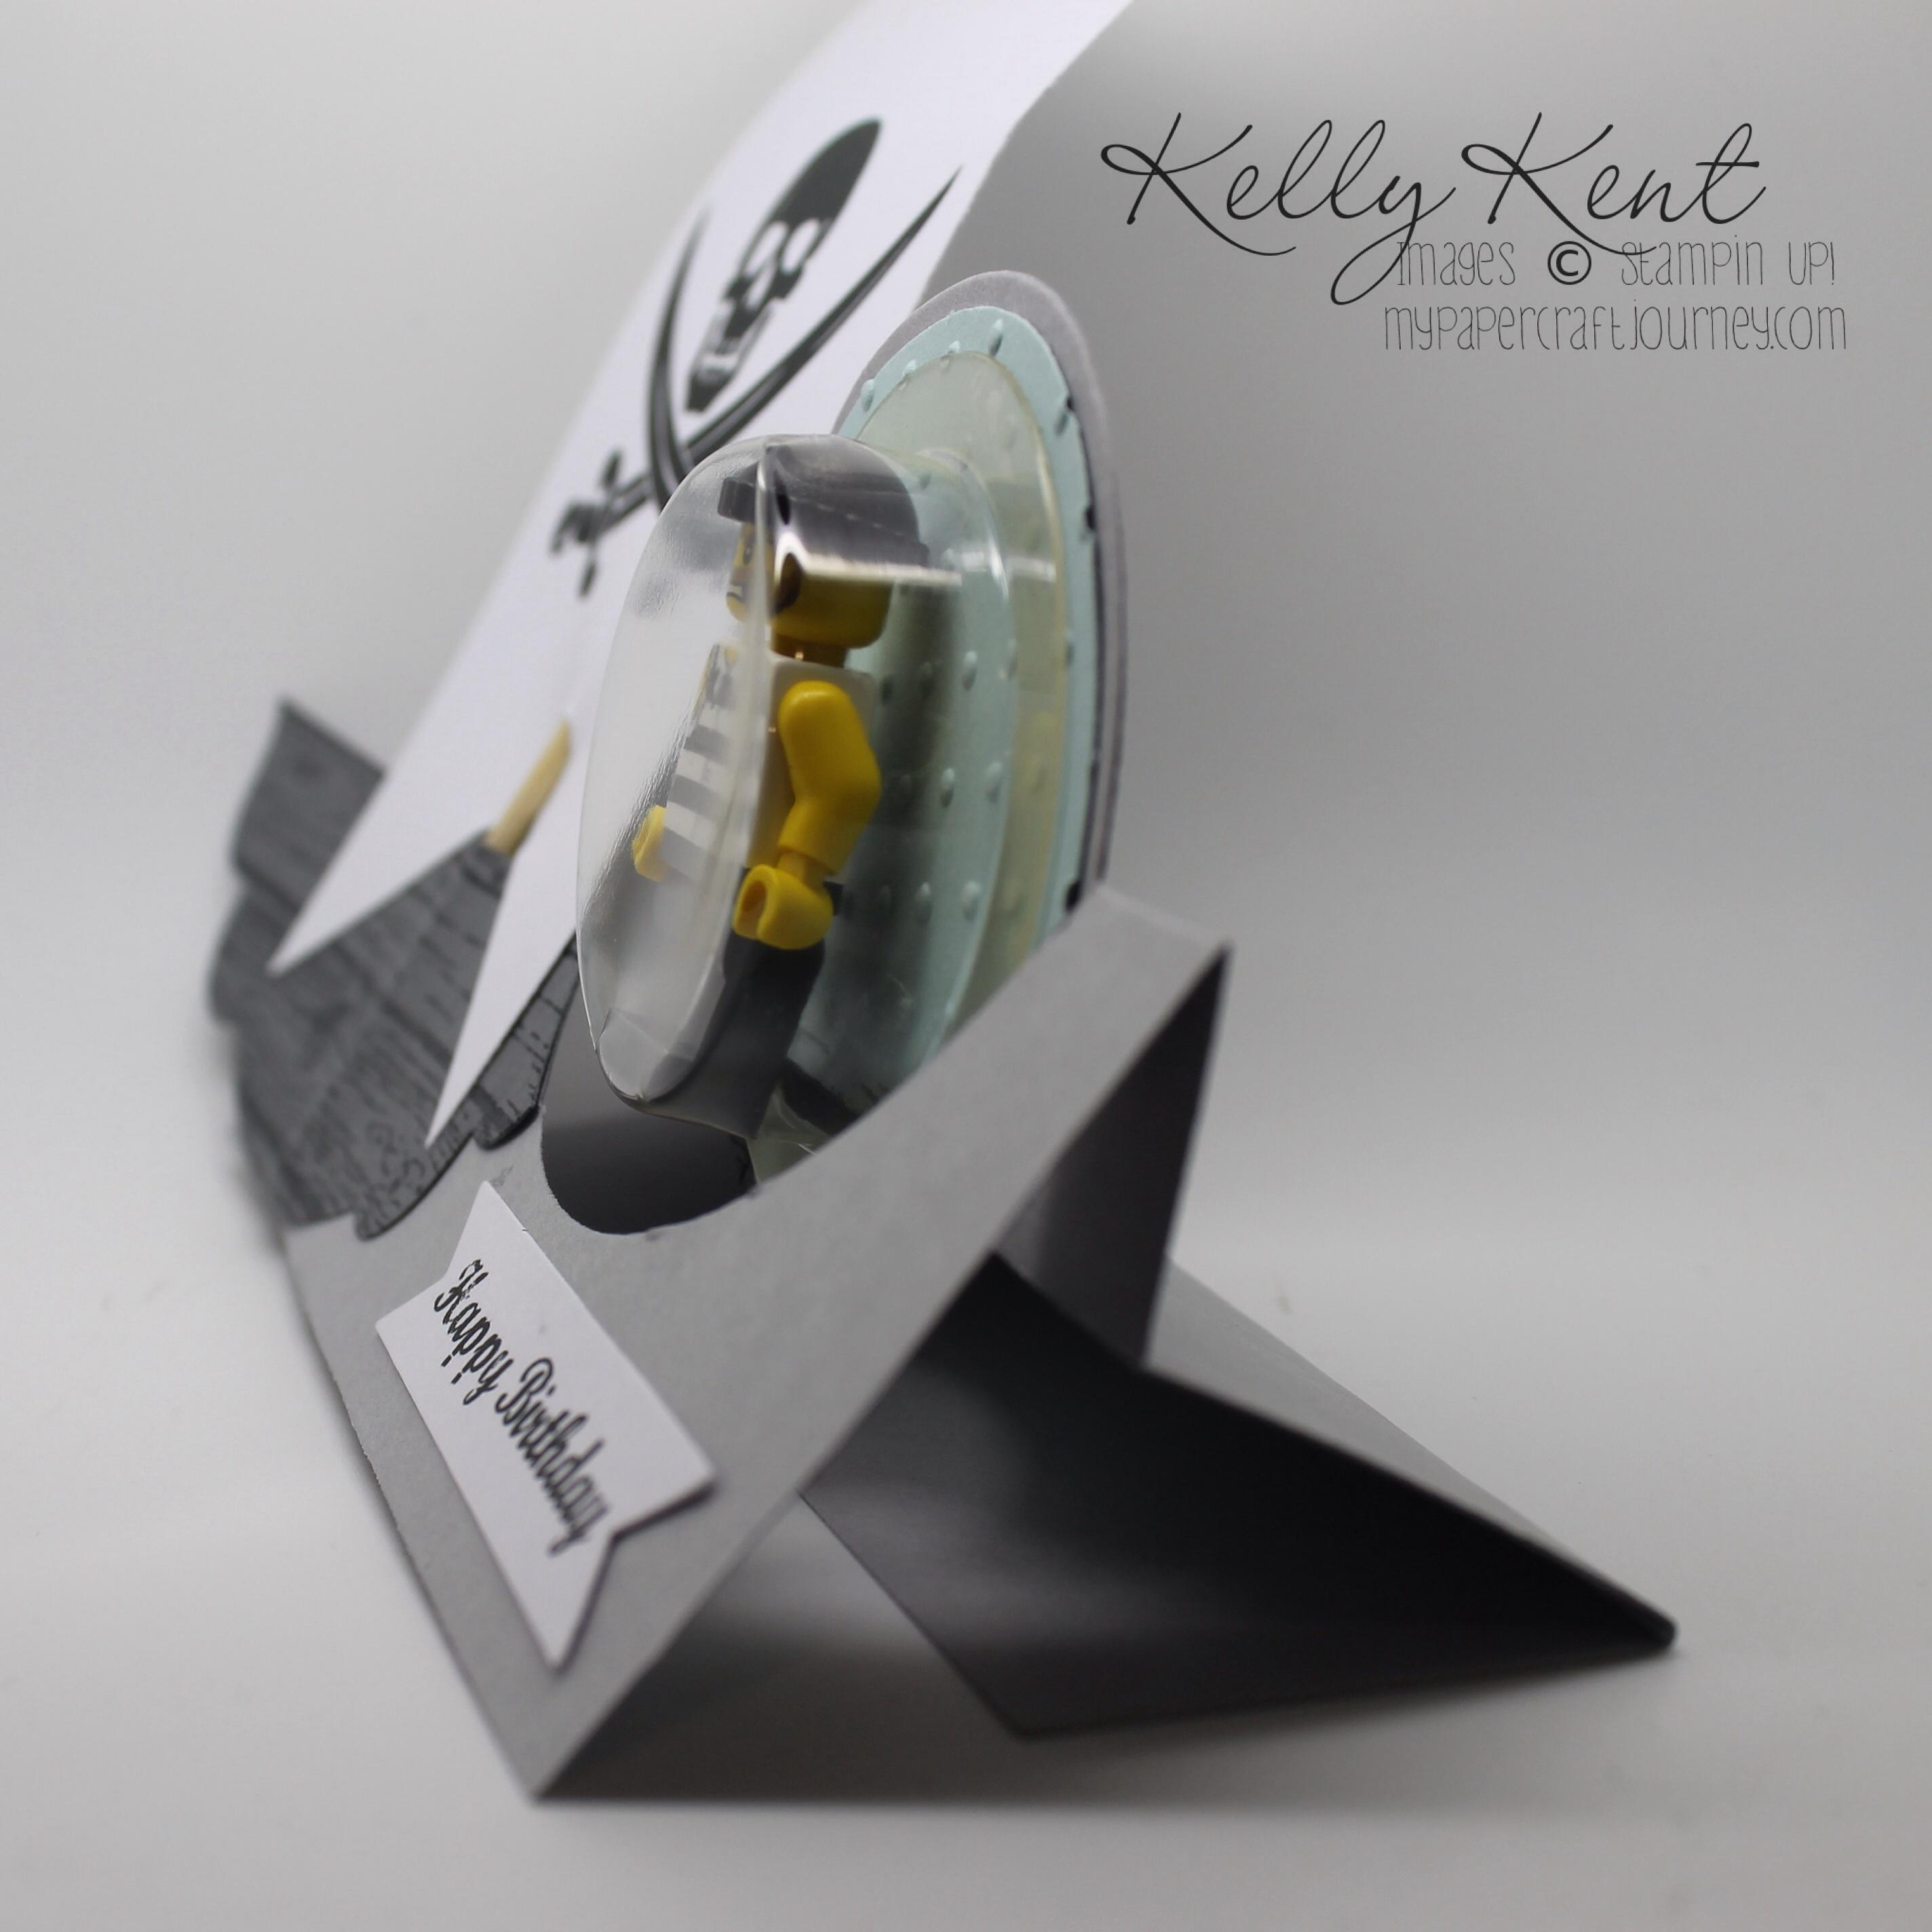 Kelly Kent